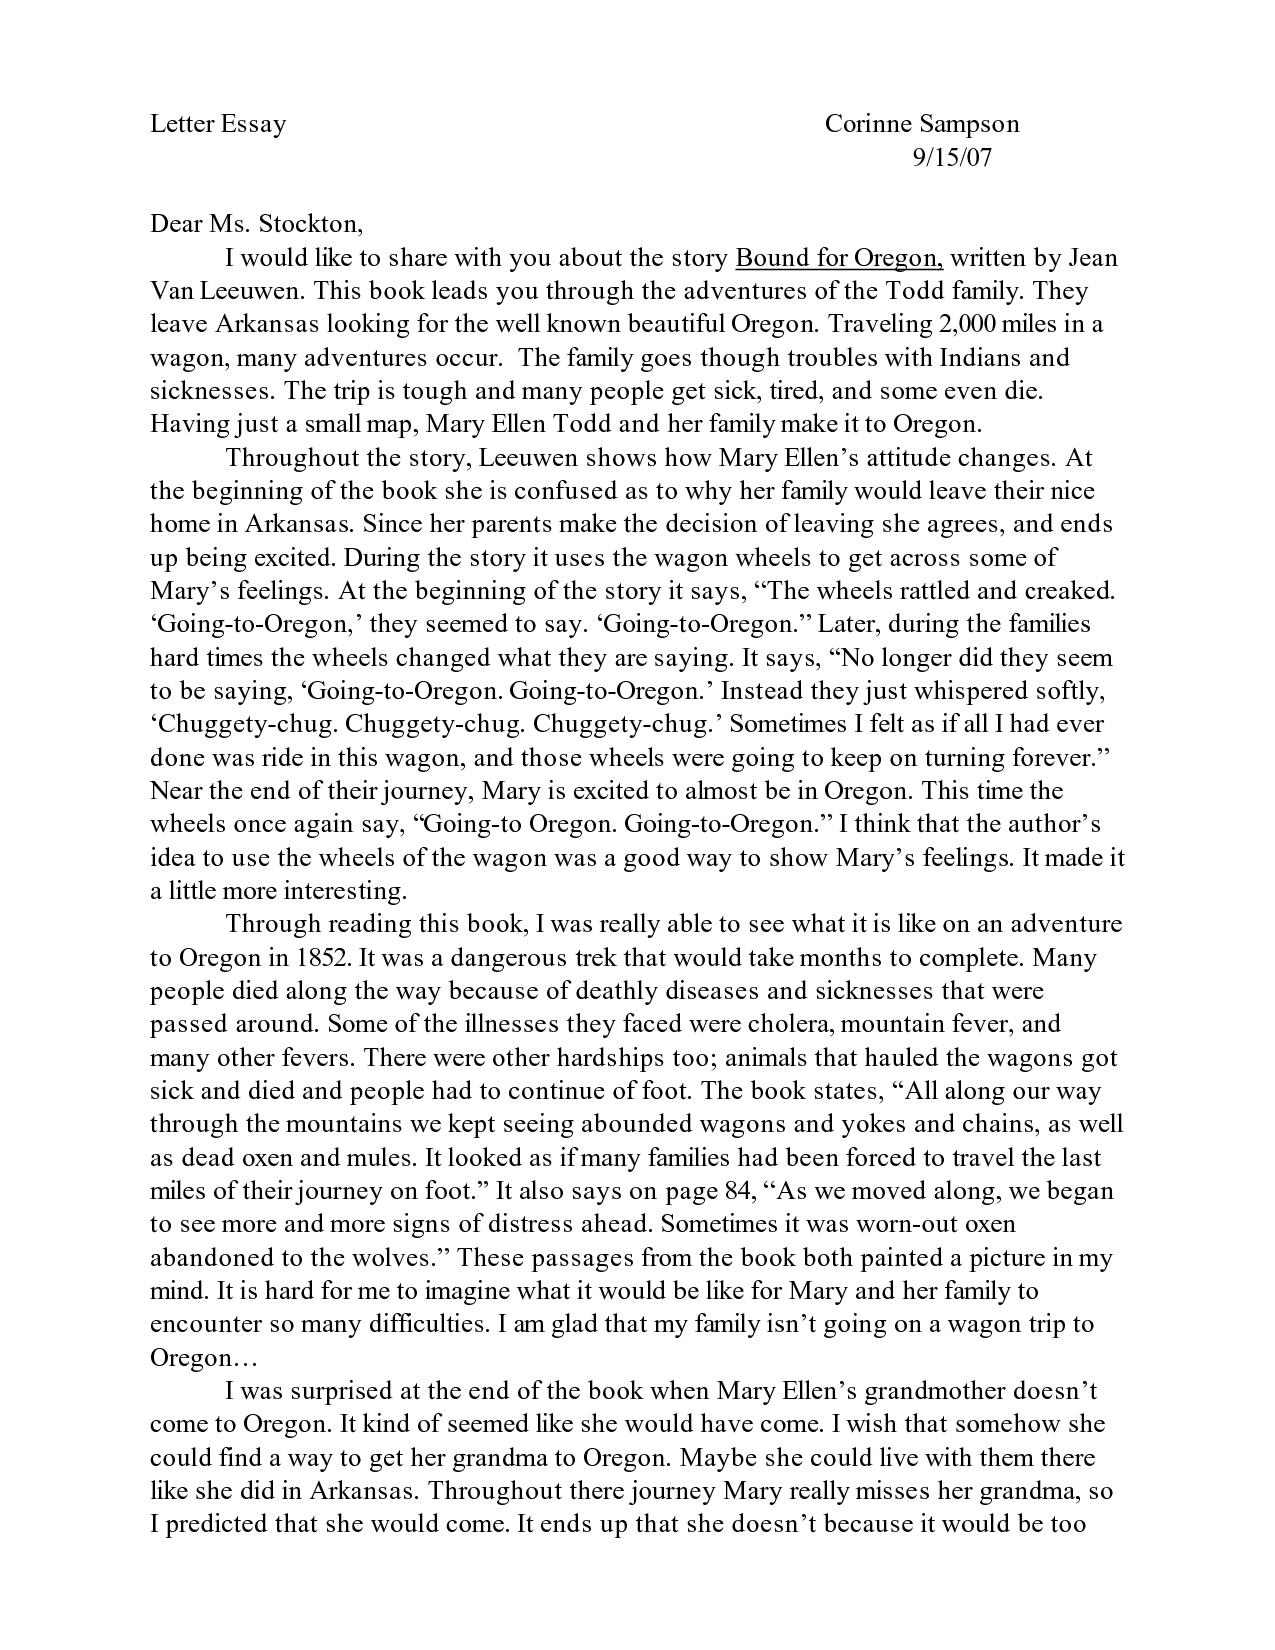 003 Sample Essay For Scholarship Incredible Mara Personal Pdf Full